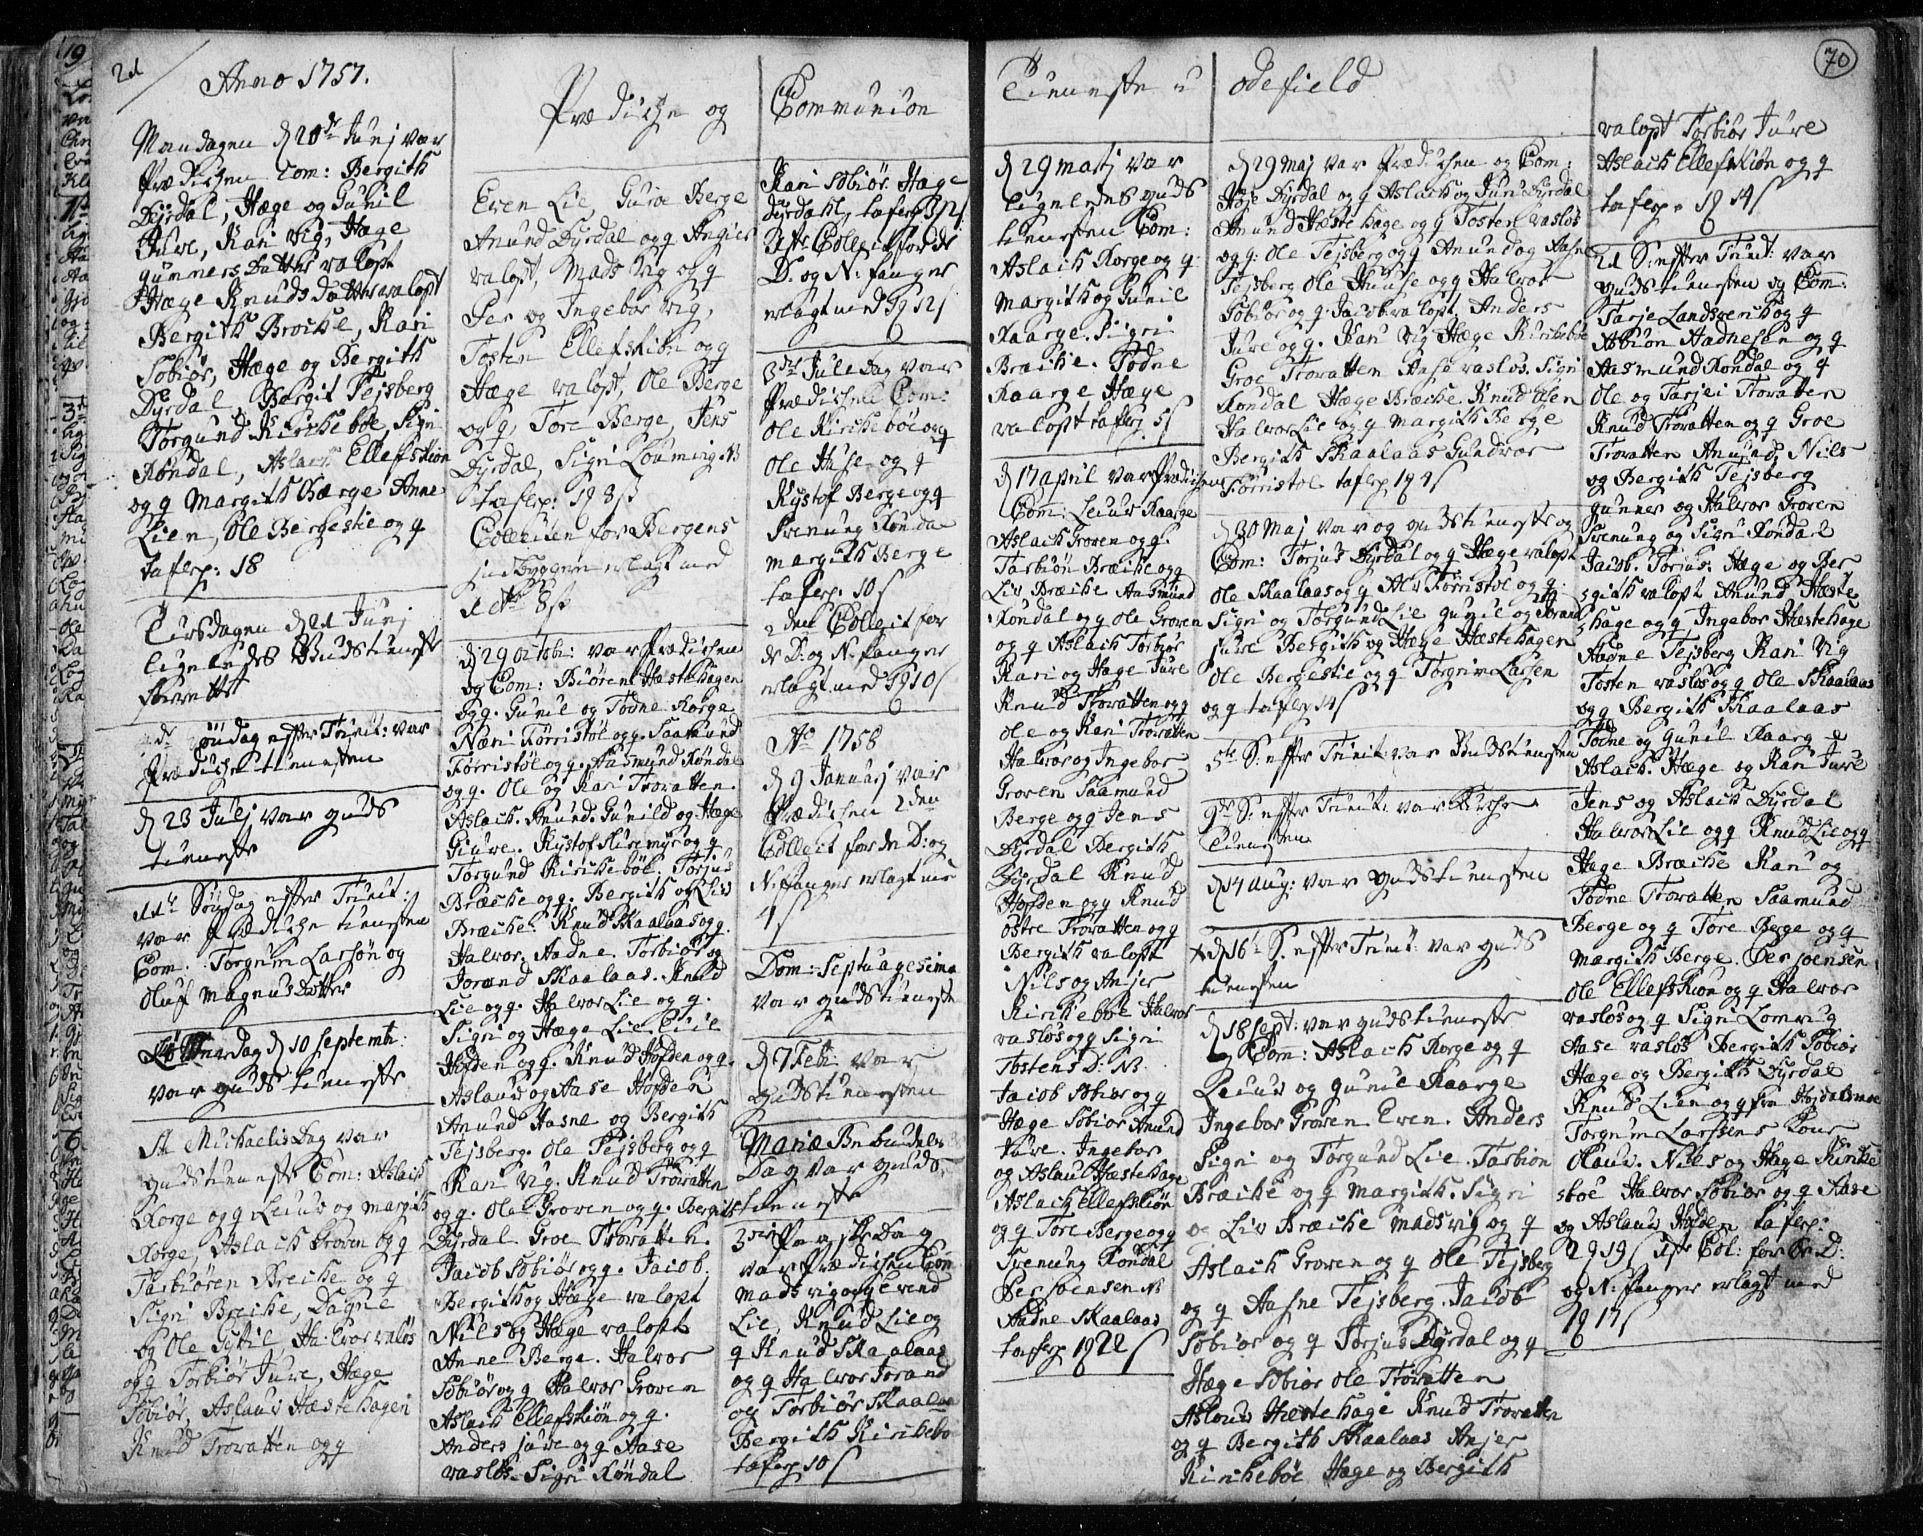 SAKO, Lårdal kirkebøker, F/Fa/L0003: Ministerialbok nr. I 3, 1754-1790, s. 70